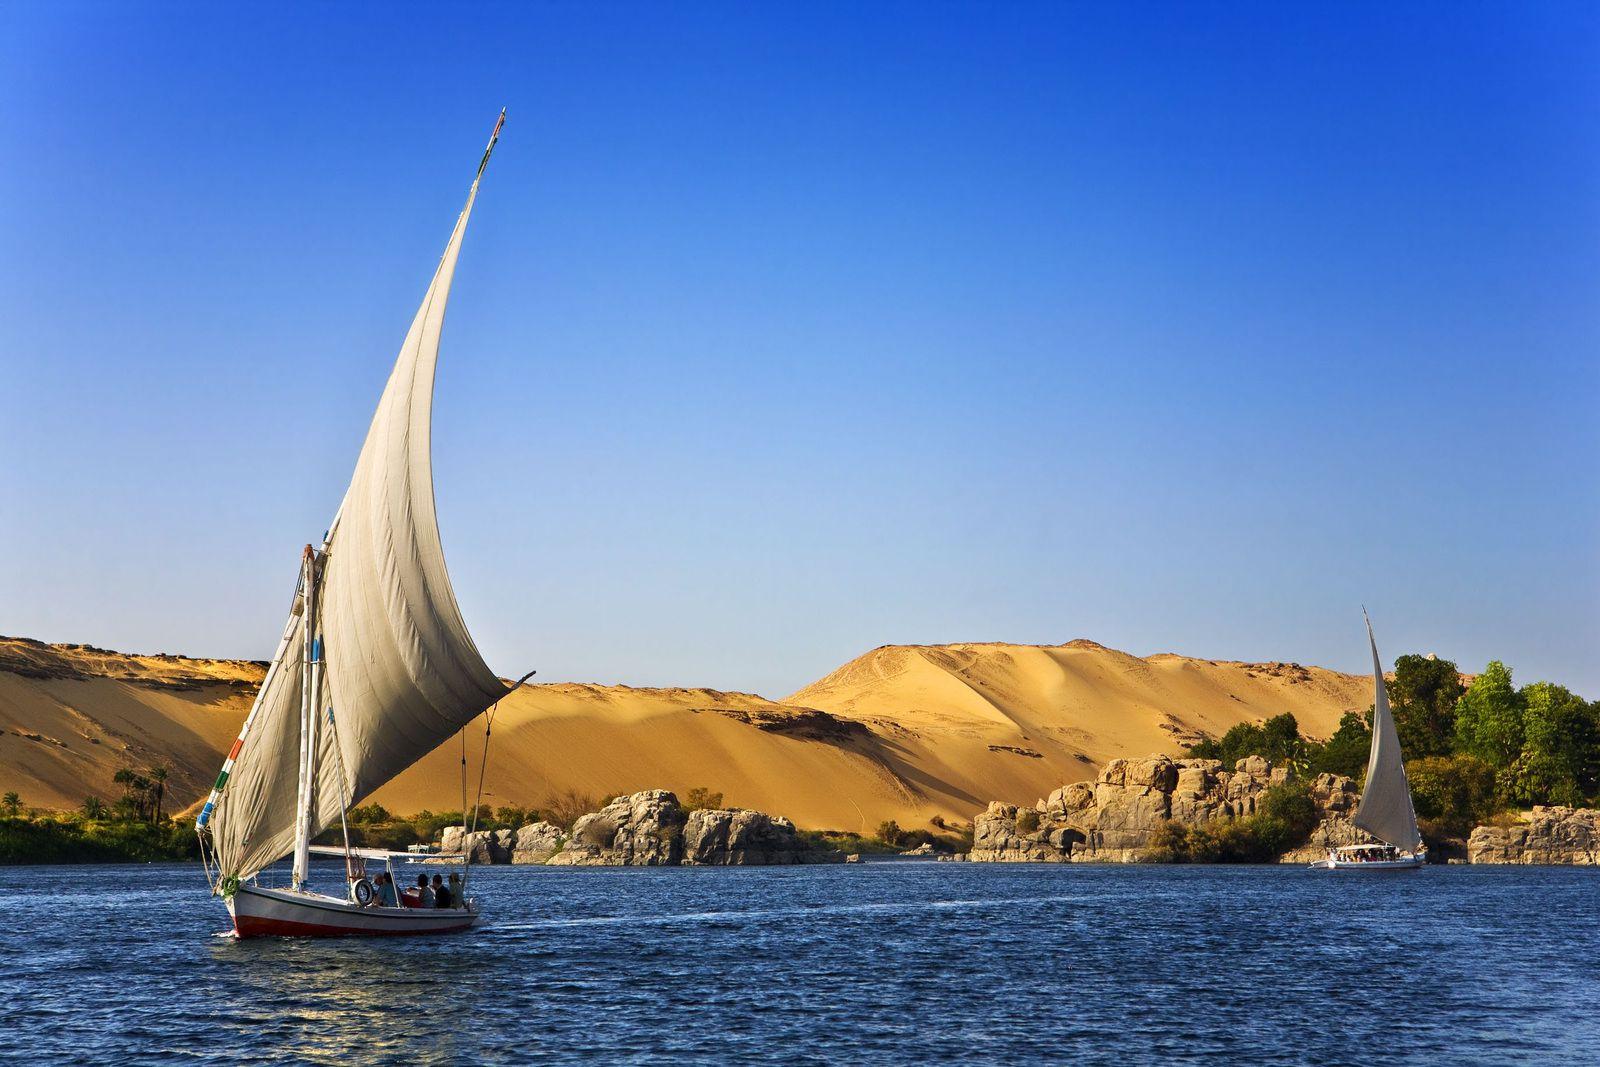 voilier nil haute egypte aerobernie